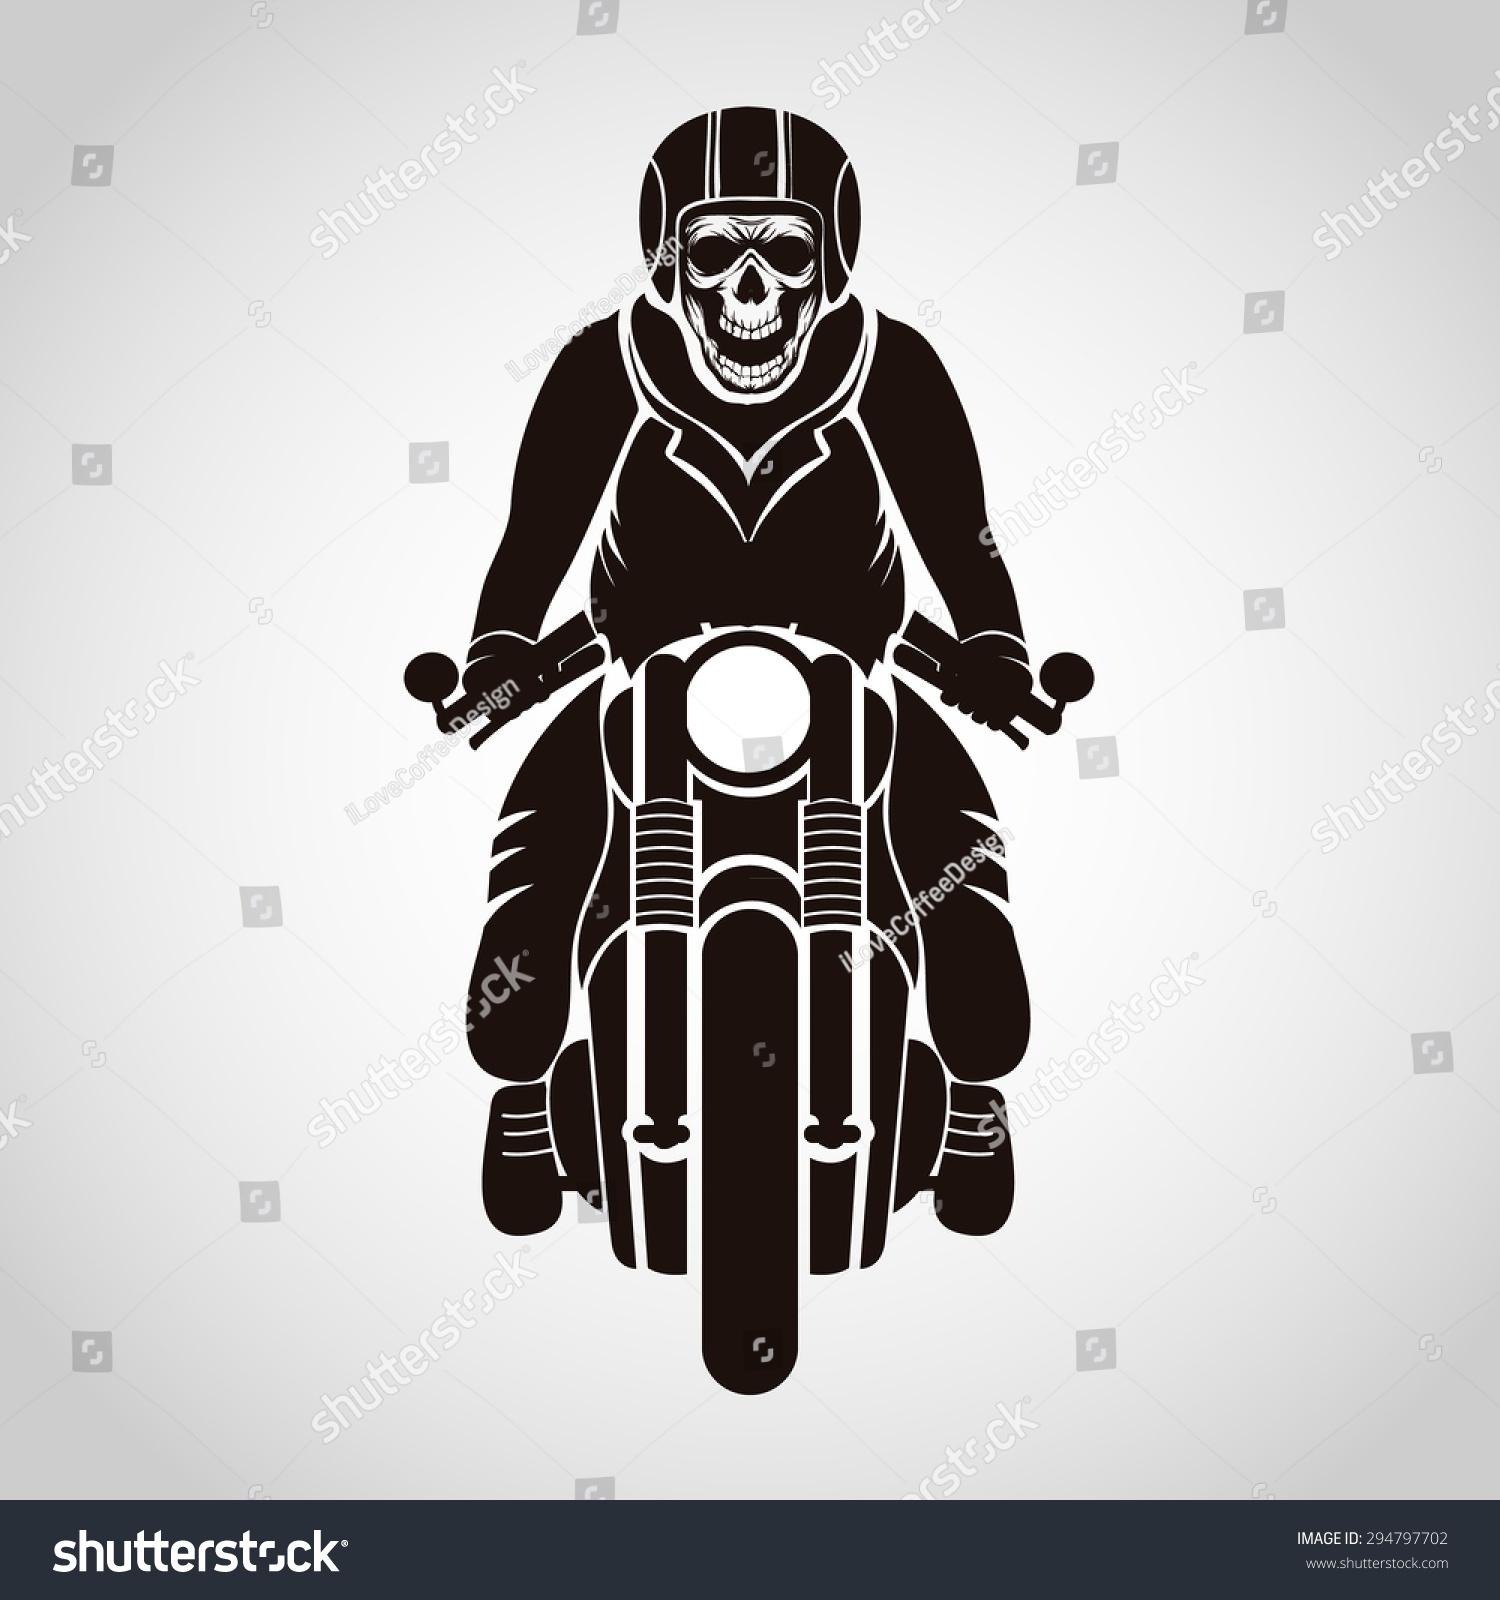 骑摩托车的人的头骨